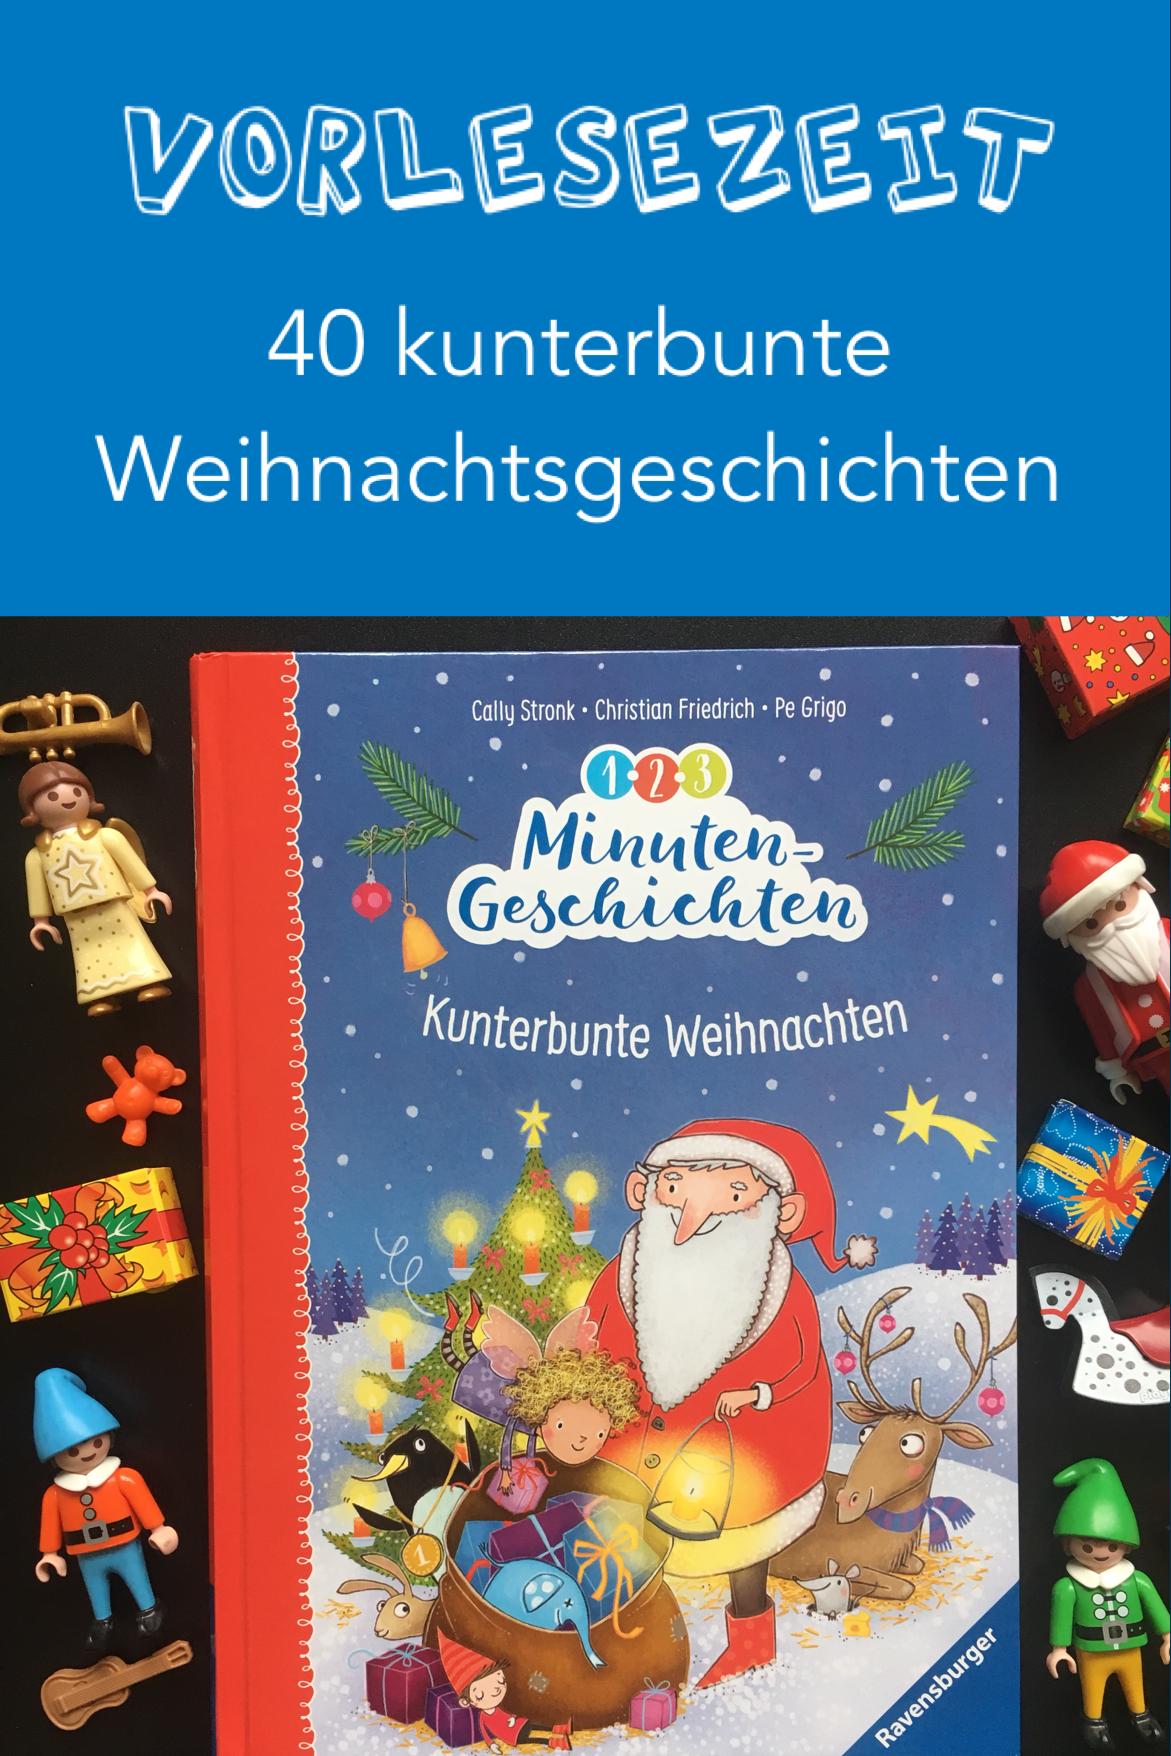 1 2 3 Minutengeschichten Kunterbunte Weihnachten Advent Advent